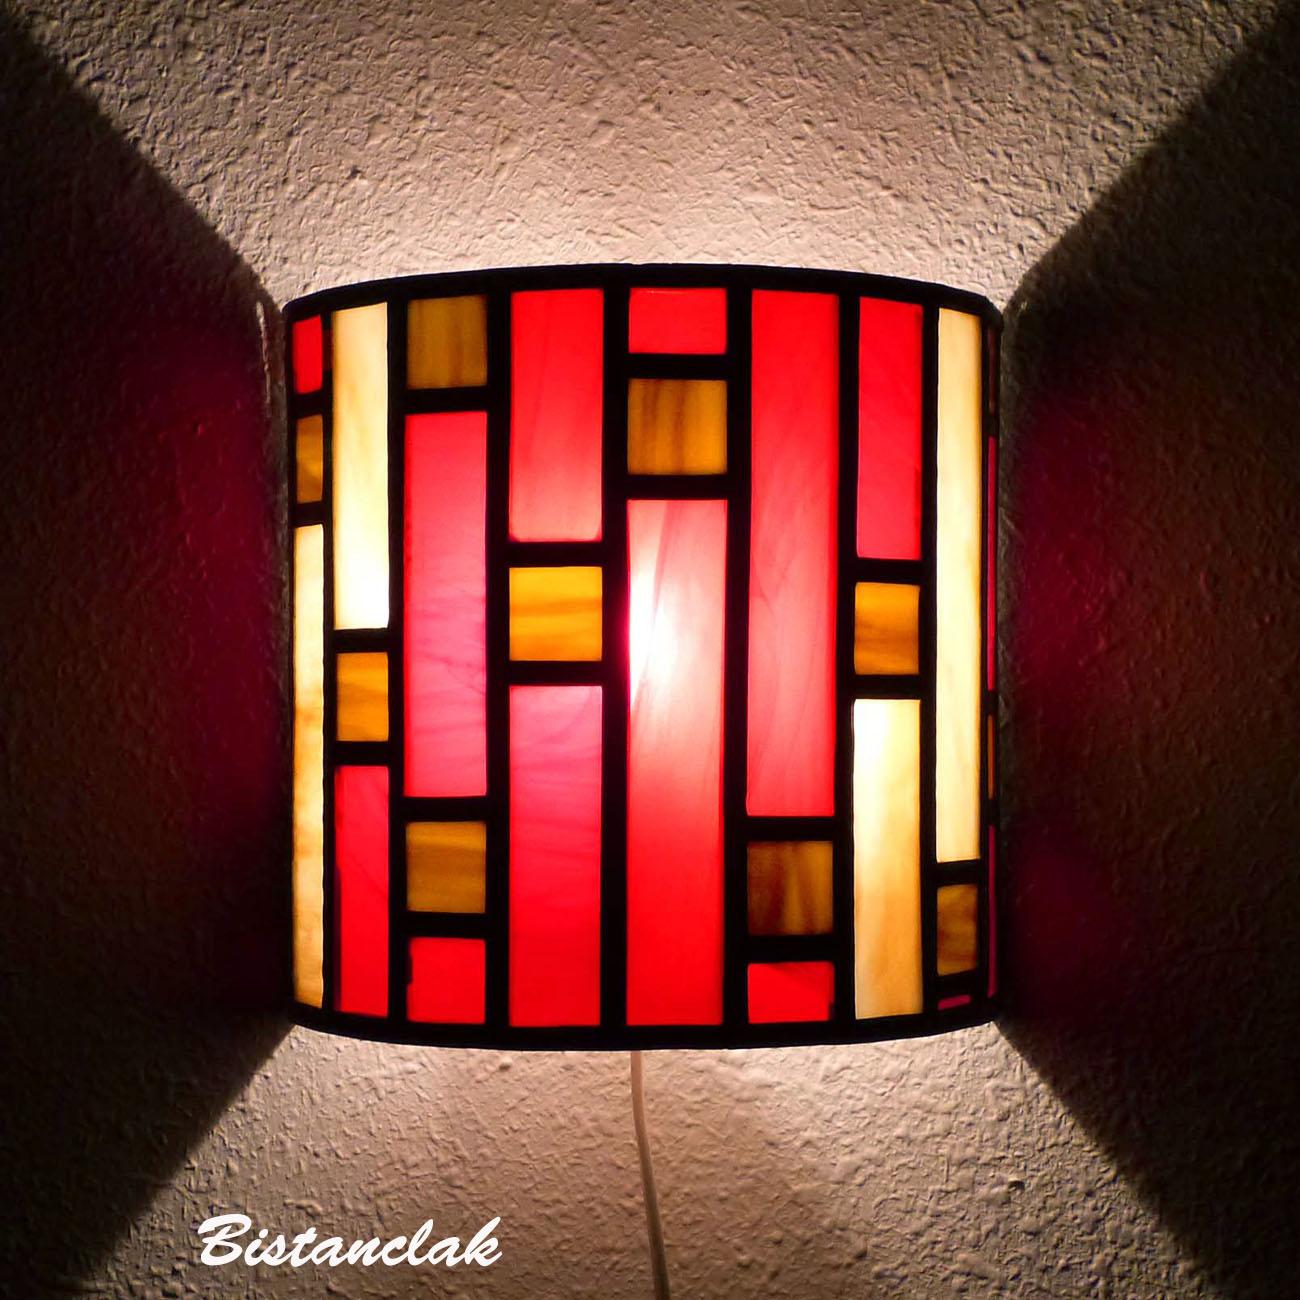 Applique vitrail demi-cylindre rouge et ambre